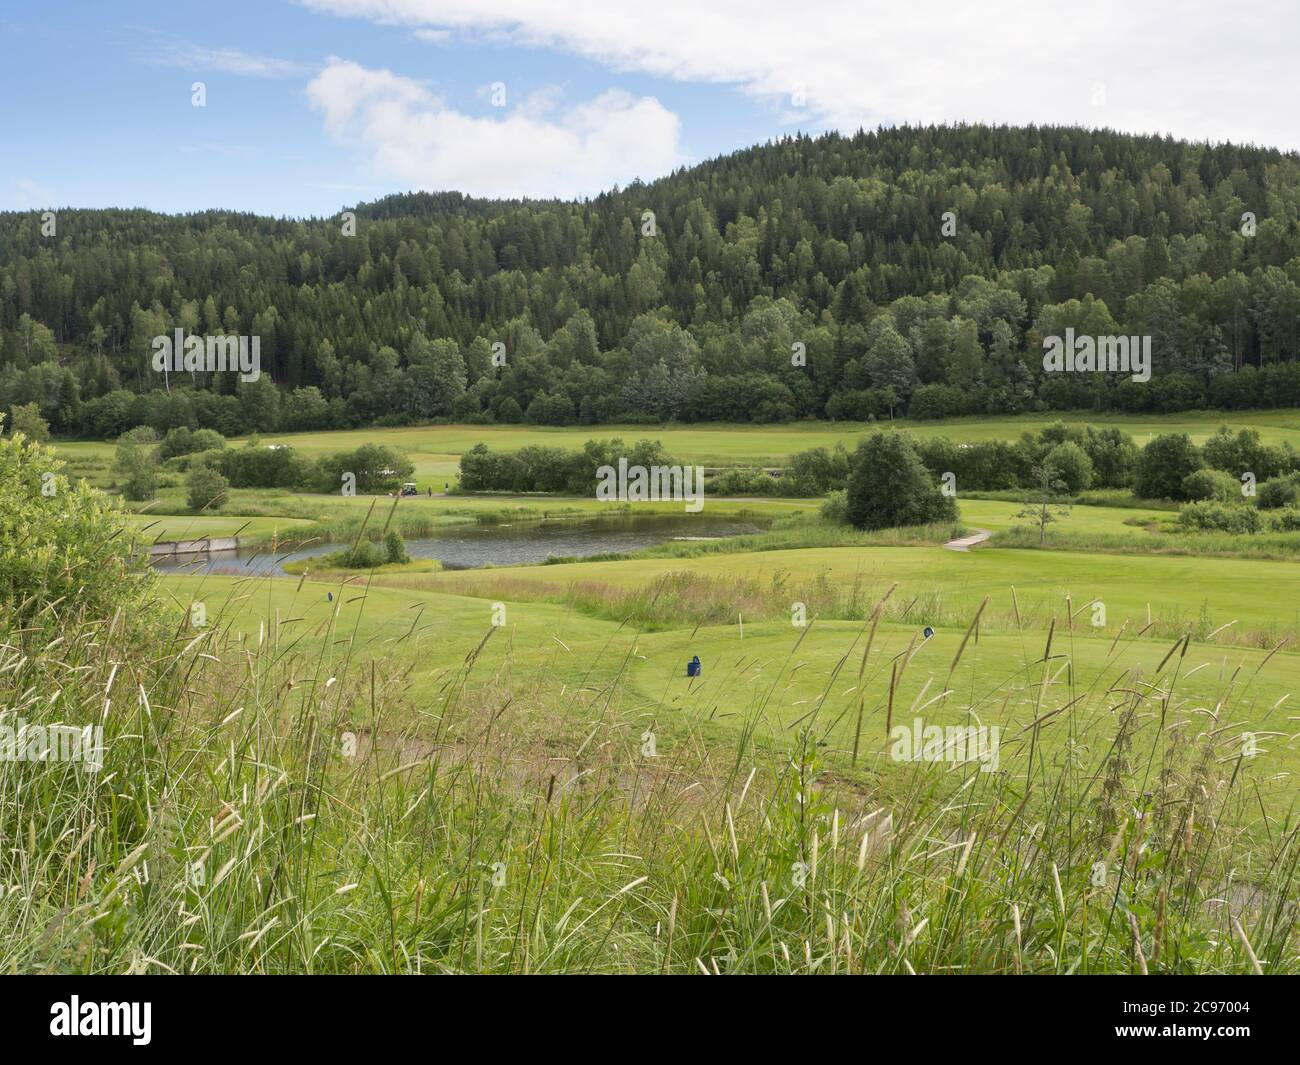 Losby Golfklubb, uno de los varios campos de golf esparcidos alrededor de la capital Noruega Oslo en paisajes idílicos en el borde del bosque Foto de stock